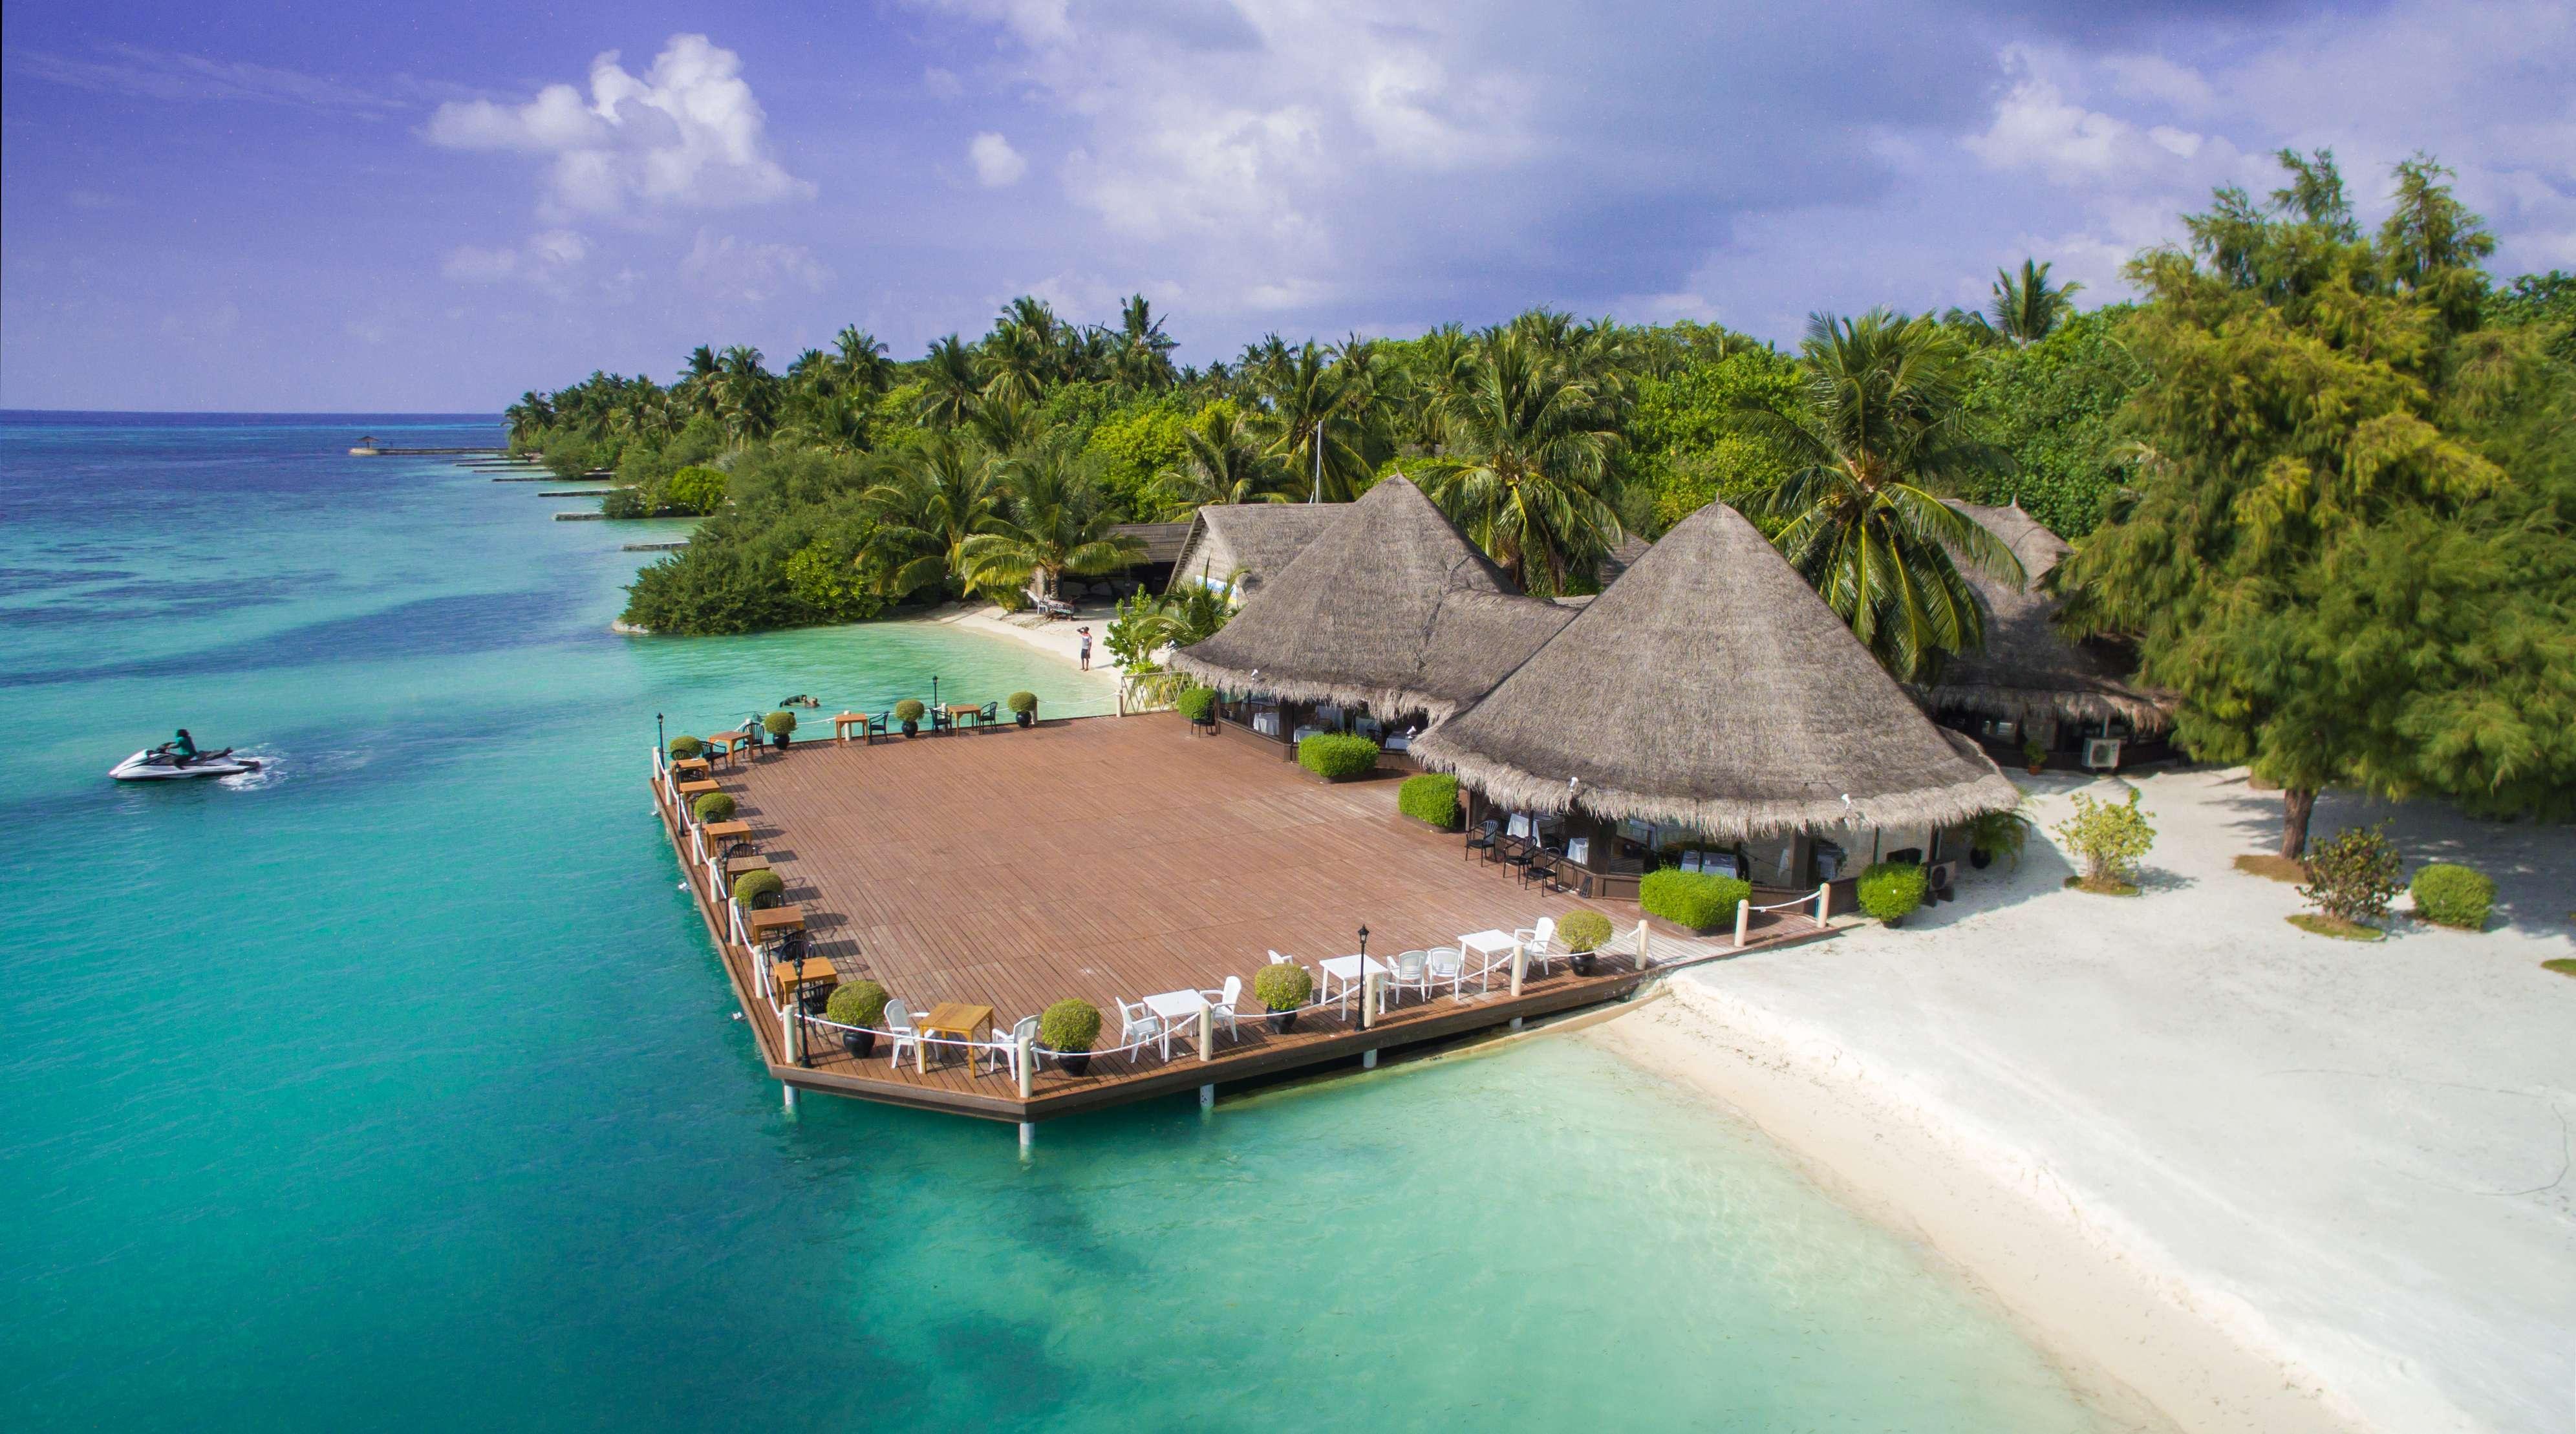 Adaaran Select Hudhuran, Kaafu Atoll, The Maldives